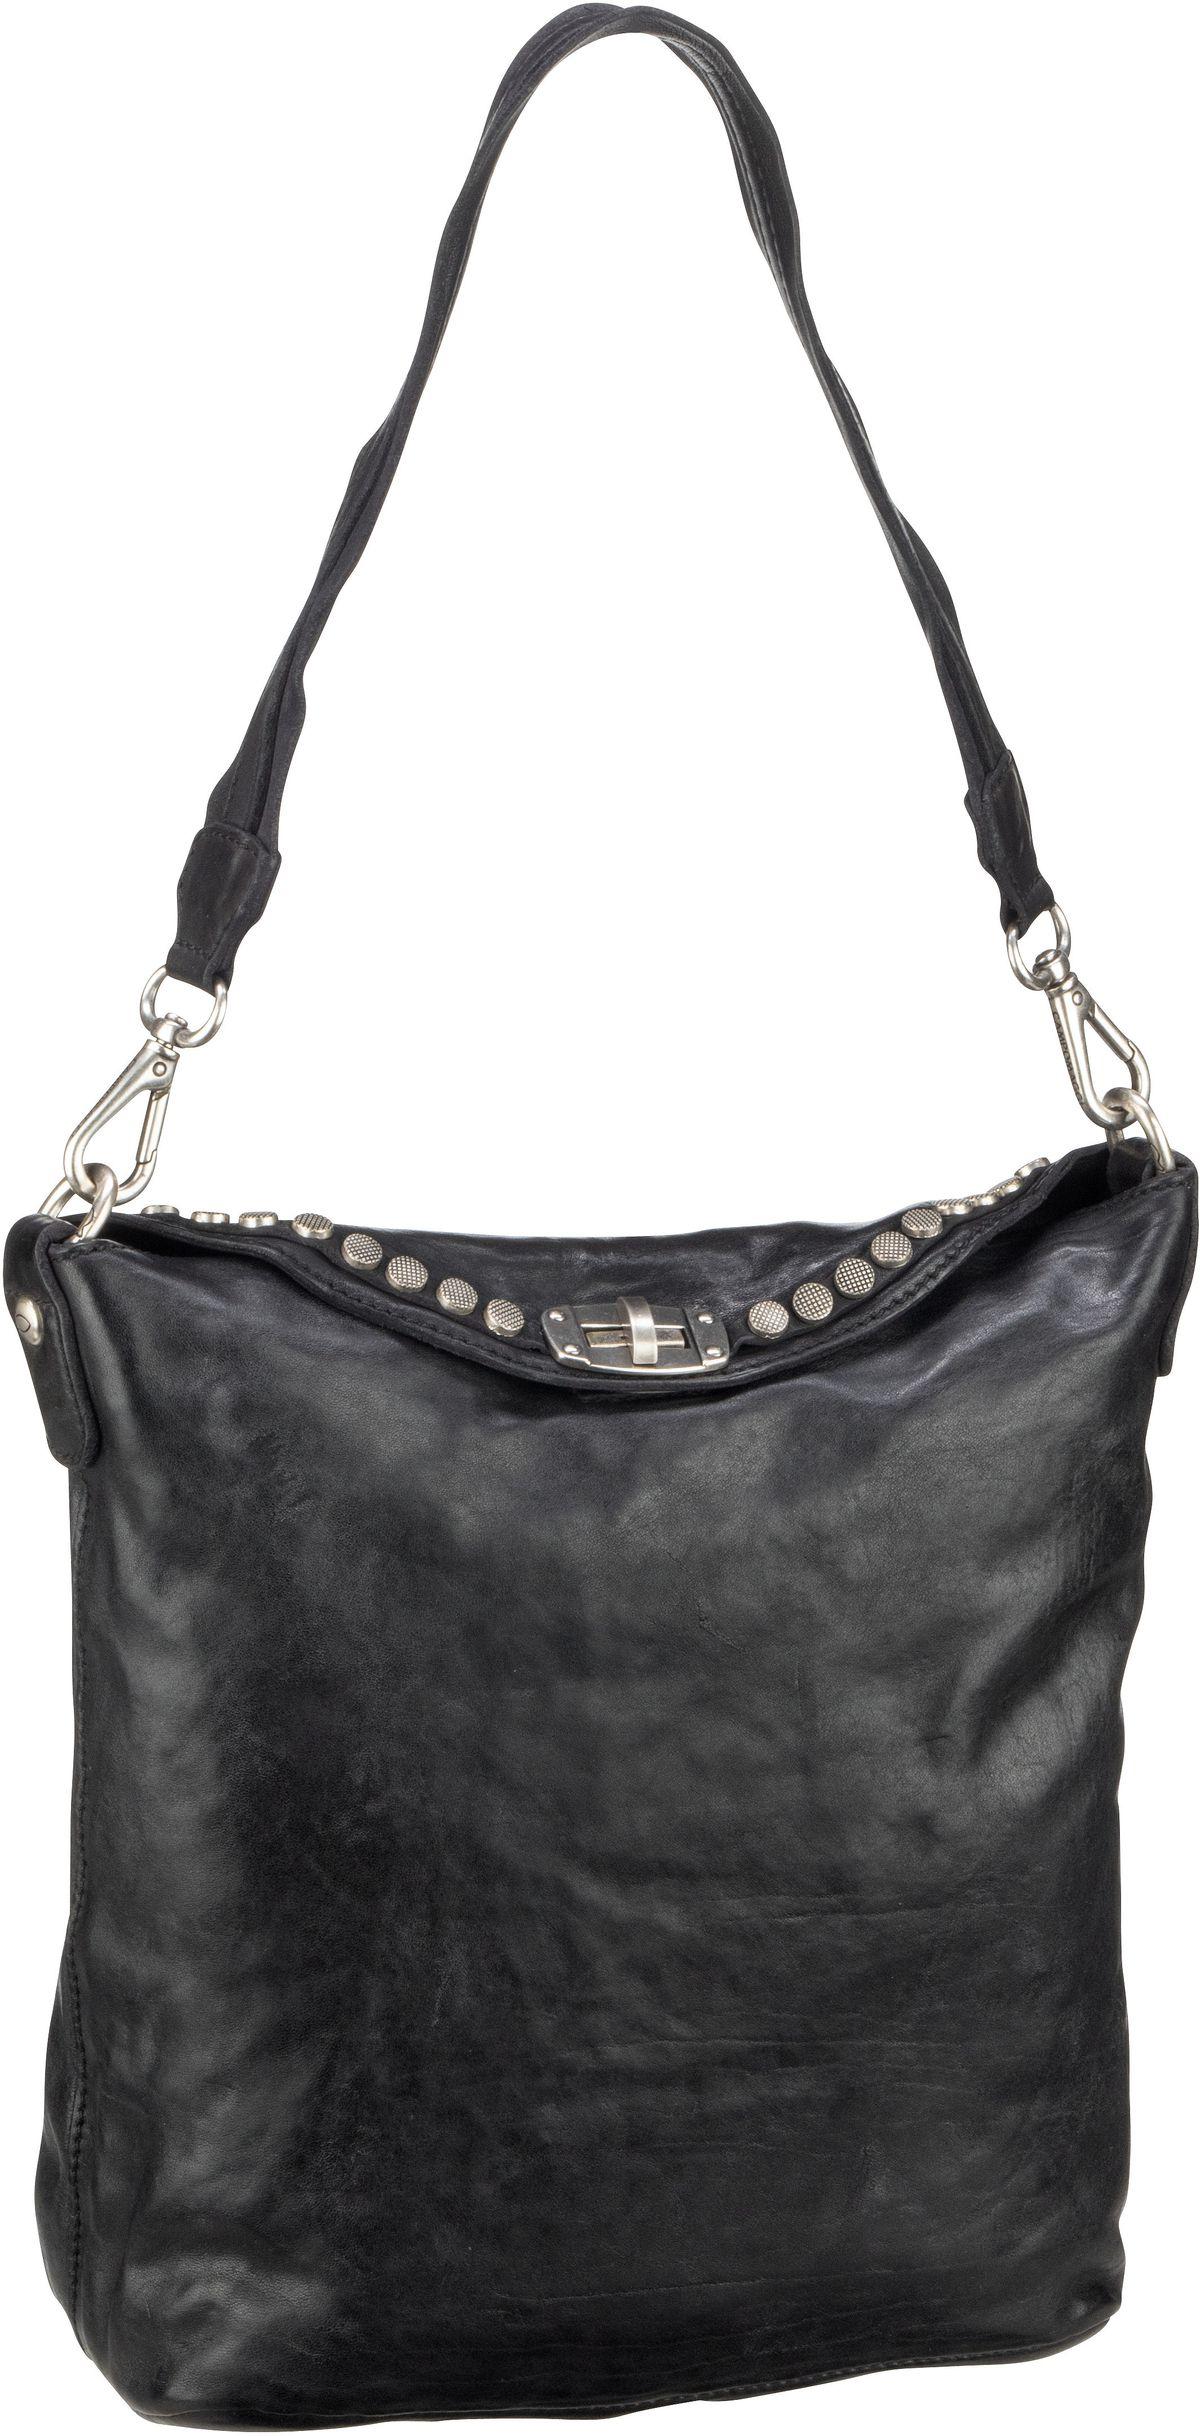 Handtasche Artemide C16790 Nero